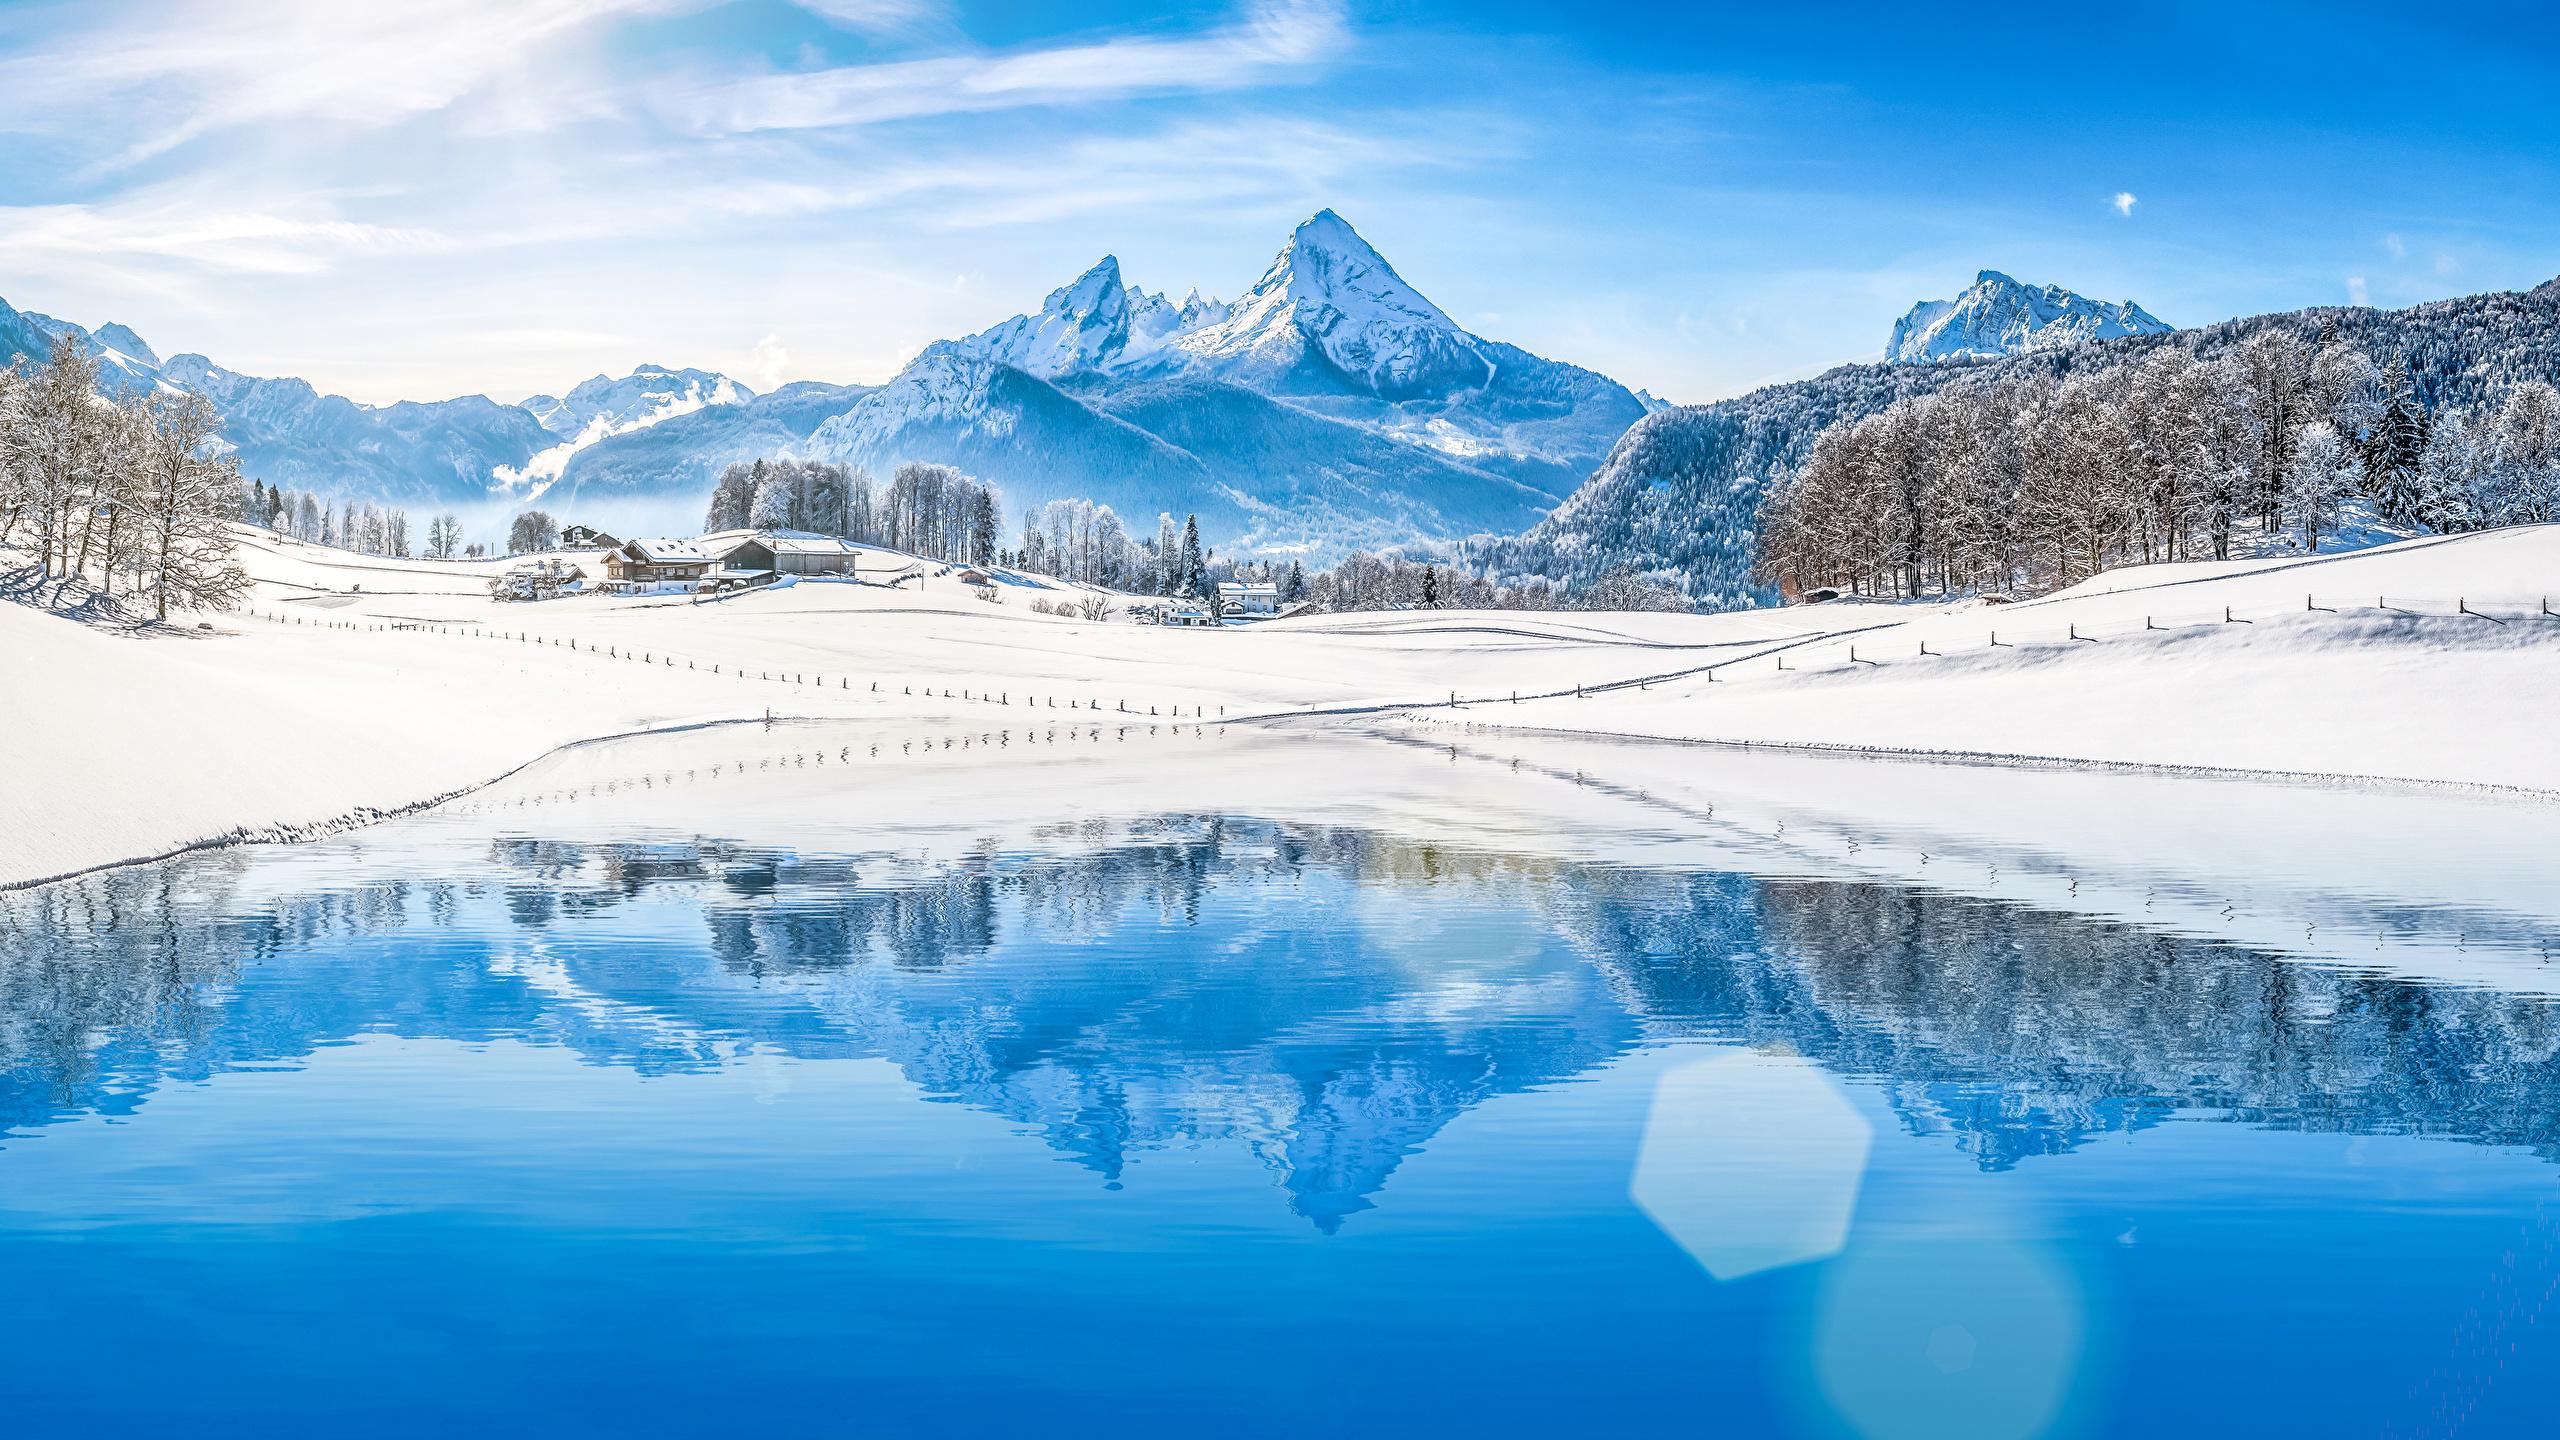 Fonds D Ecran 2560x1440 Hiver Photographie De Paysage Montagnes Maison Forets Lac Neige Nature Telecharger Photo